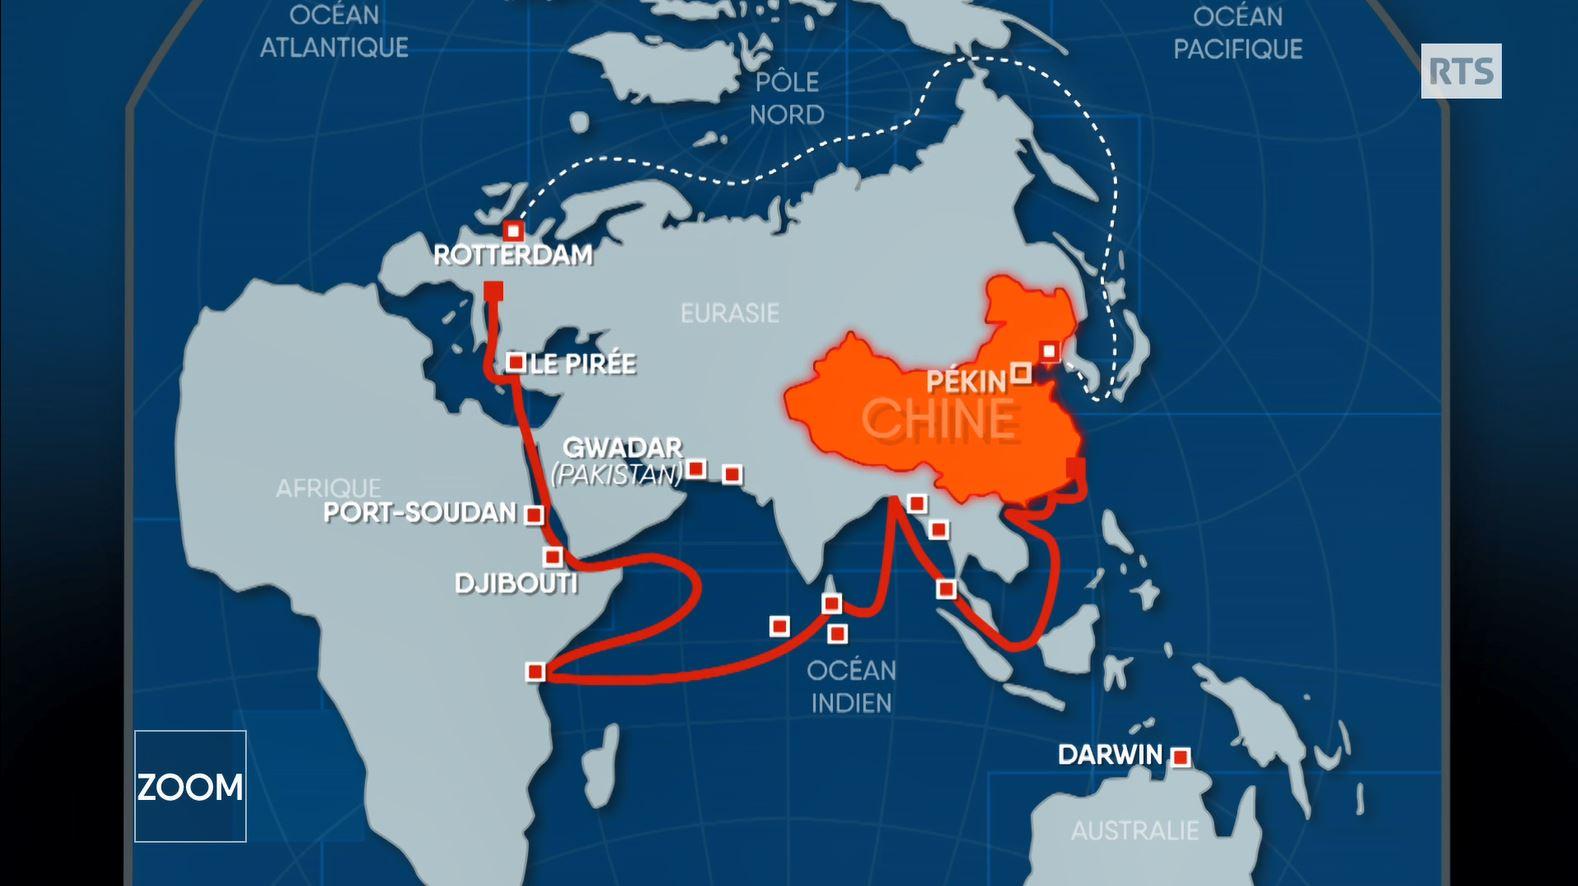 Carte Australie Chine.Pour Etre Au Centre Du Monde La Chine Renverse Ses Cartes Rts Ch